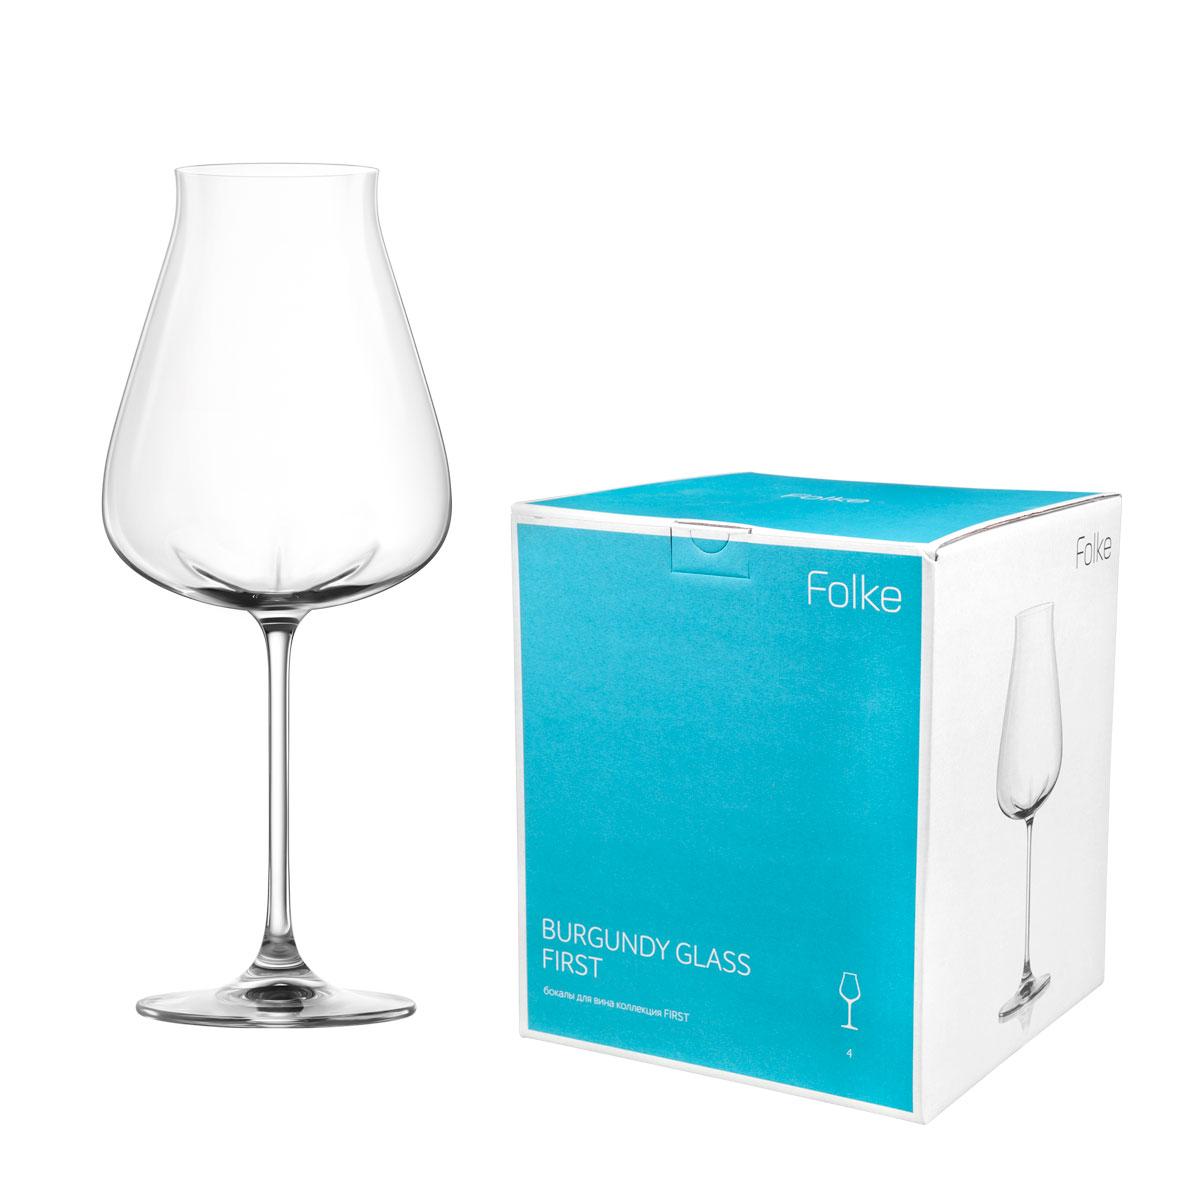 Набор бокалов для вина Folke Burgundy Glass, 700 мл, 4 предмета. 2007177UVT-1520(SR)Коллекция First- это бокалы из бессвинцового хрусталя высшего качества. Наша продукция отличается исключительной чистотой и повышенной устойчивостью к механическим повреждениям. Улучшенные характеристики изделий позволяют использовать их повседневно в домашних условиях и в ресторанном бизнесе. Оригинальный дизайн позволяет любому напитку полностью раскрыться и заиграть новыми красками. Это поистине уникальное творение современных технологий и многолетнего опыта лучших мировых сомелье.